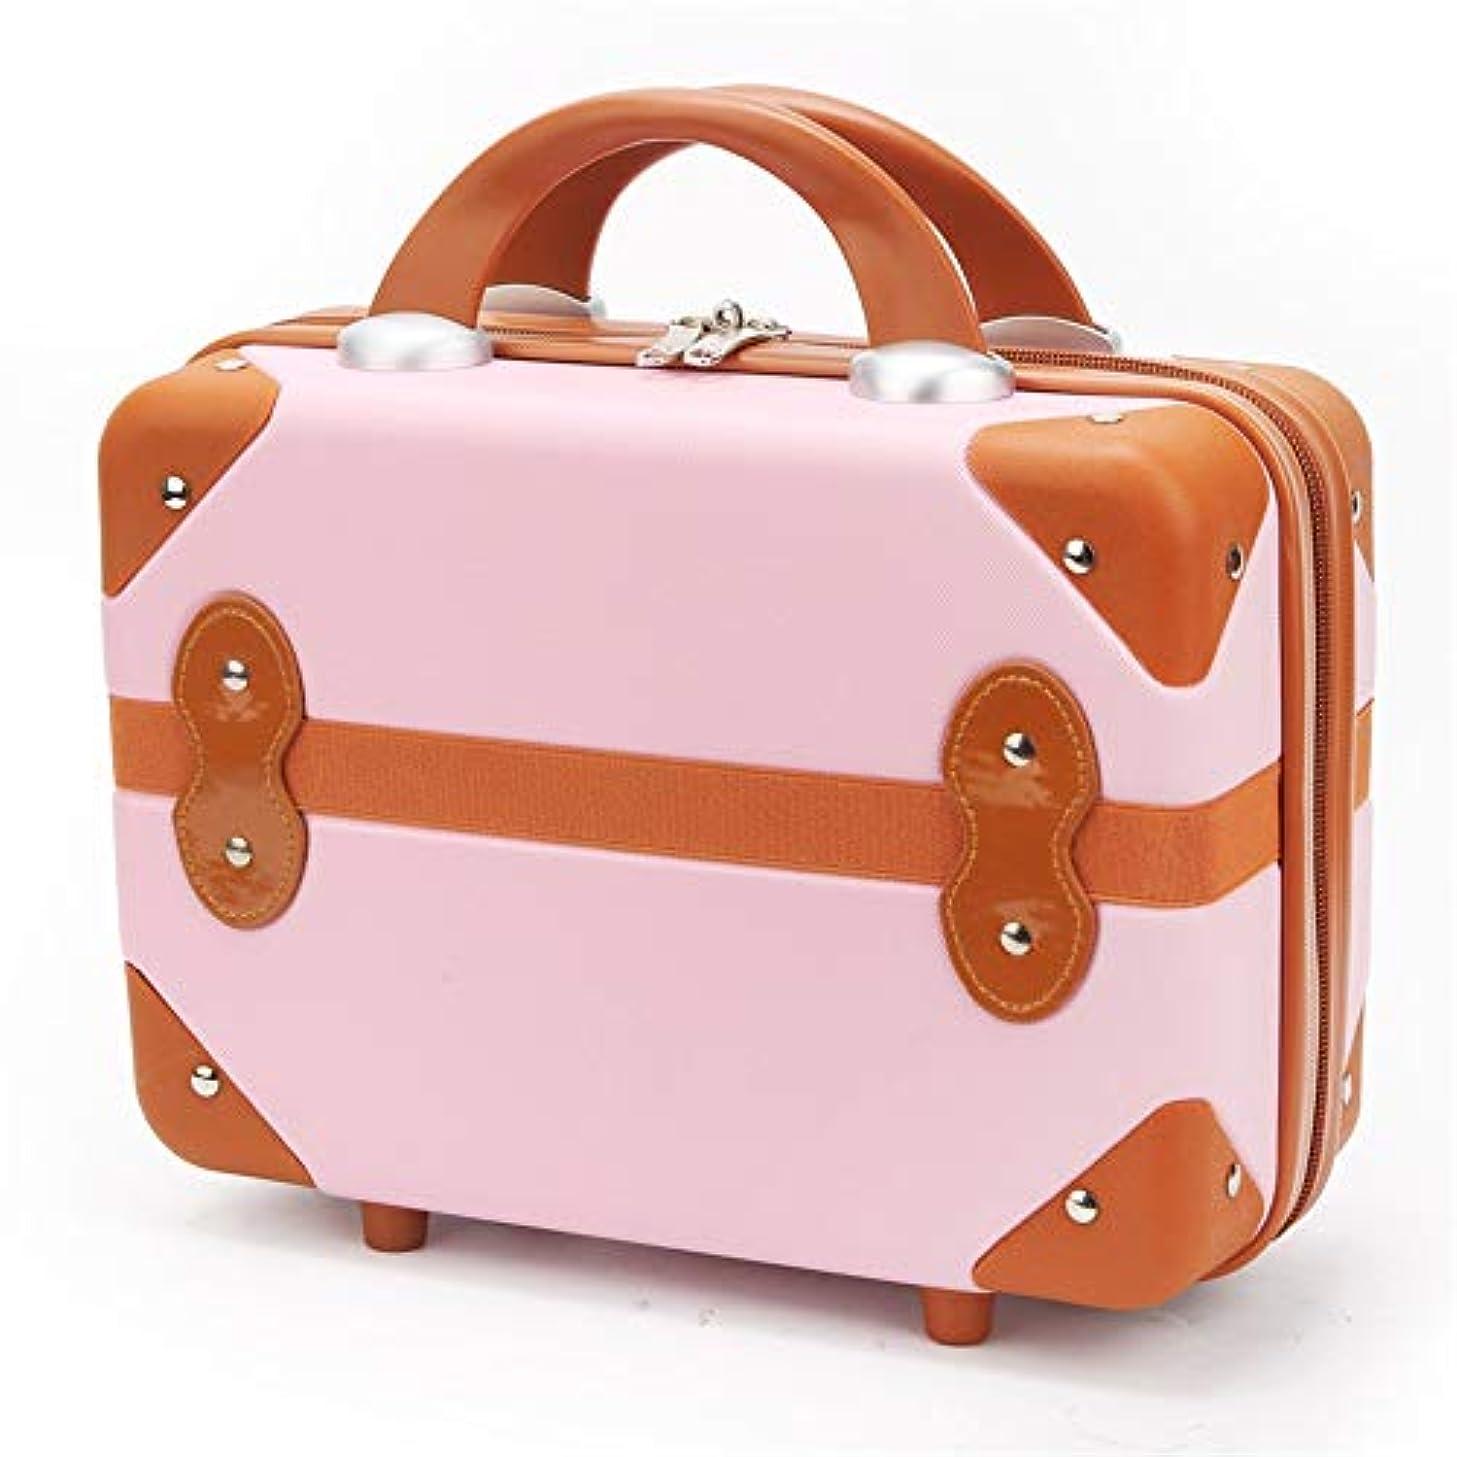 髄友だちリスク化粧オーガナイザーバッグ 14インチのメイクアップトラベルバッグPUレター防水化粧ケースのティーン女の子の女性アーティスト 化粧品ケース